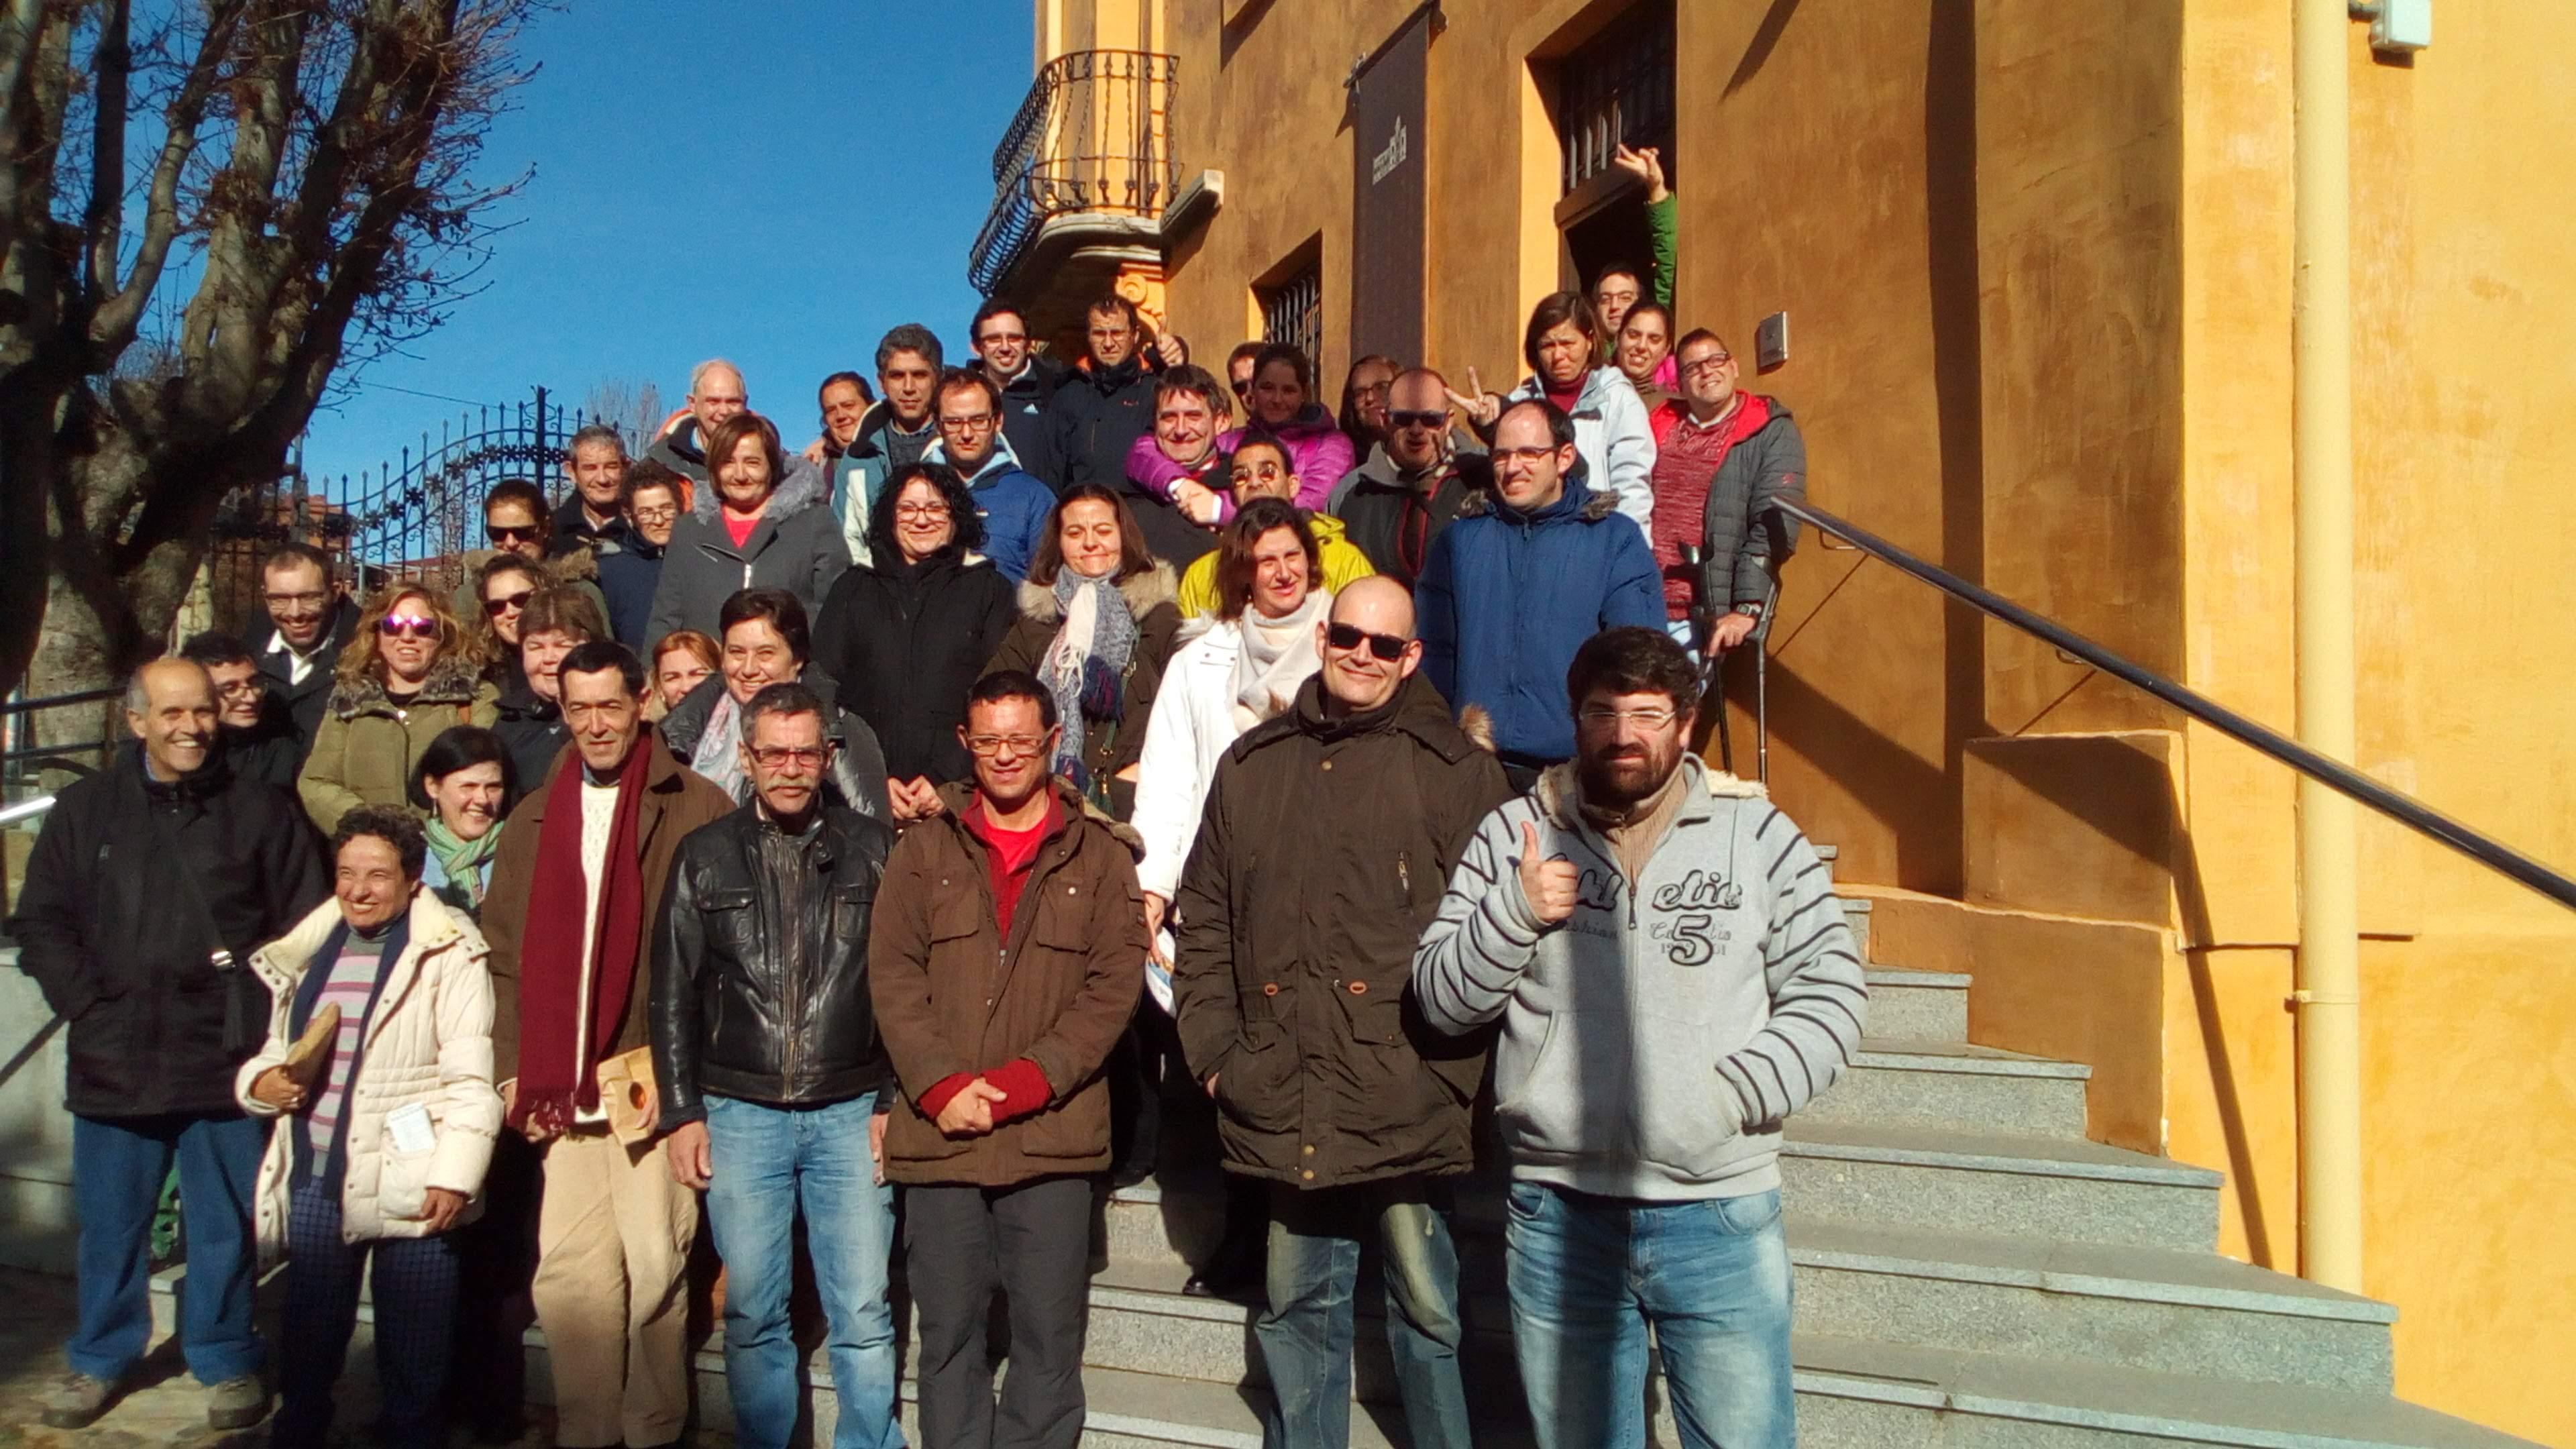 Conociendo nuevos lugares: Astorga y León